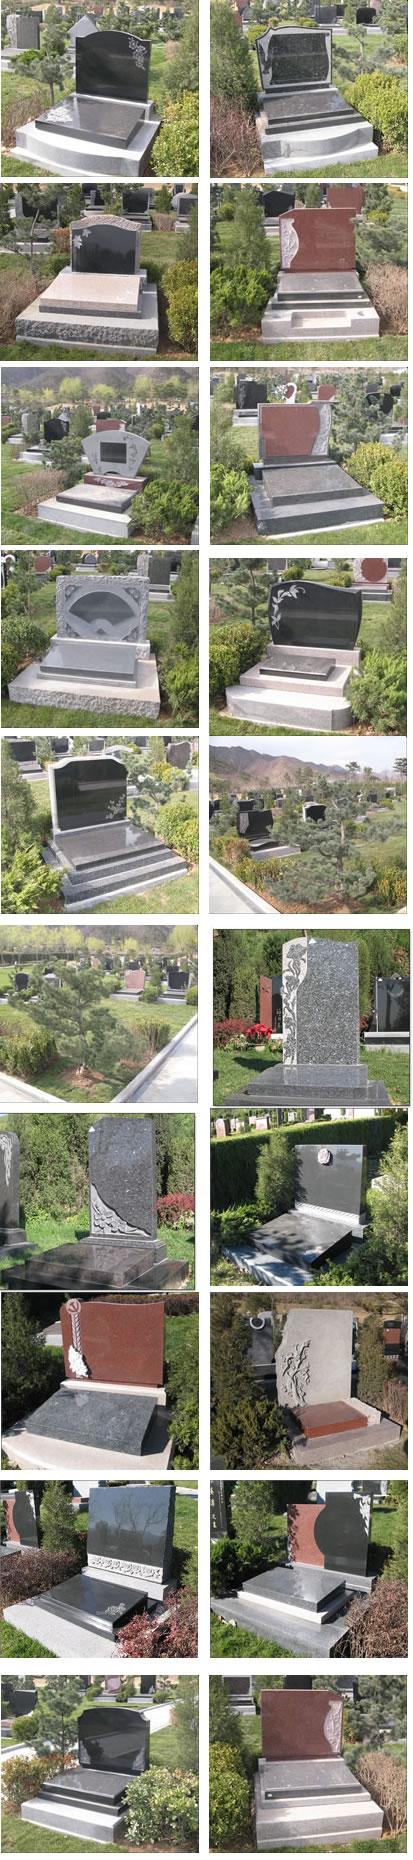 天寿园军魂区和方舟区艺术墓碑-003